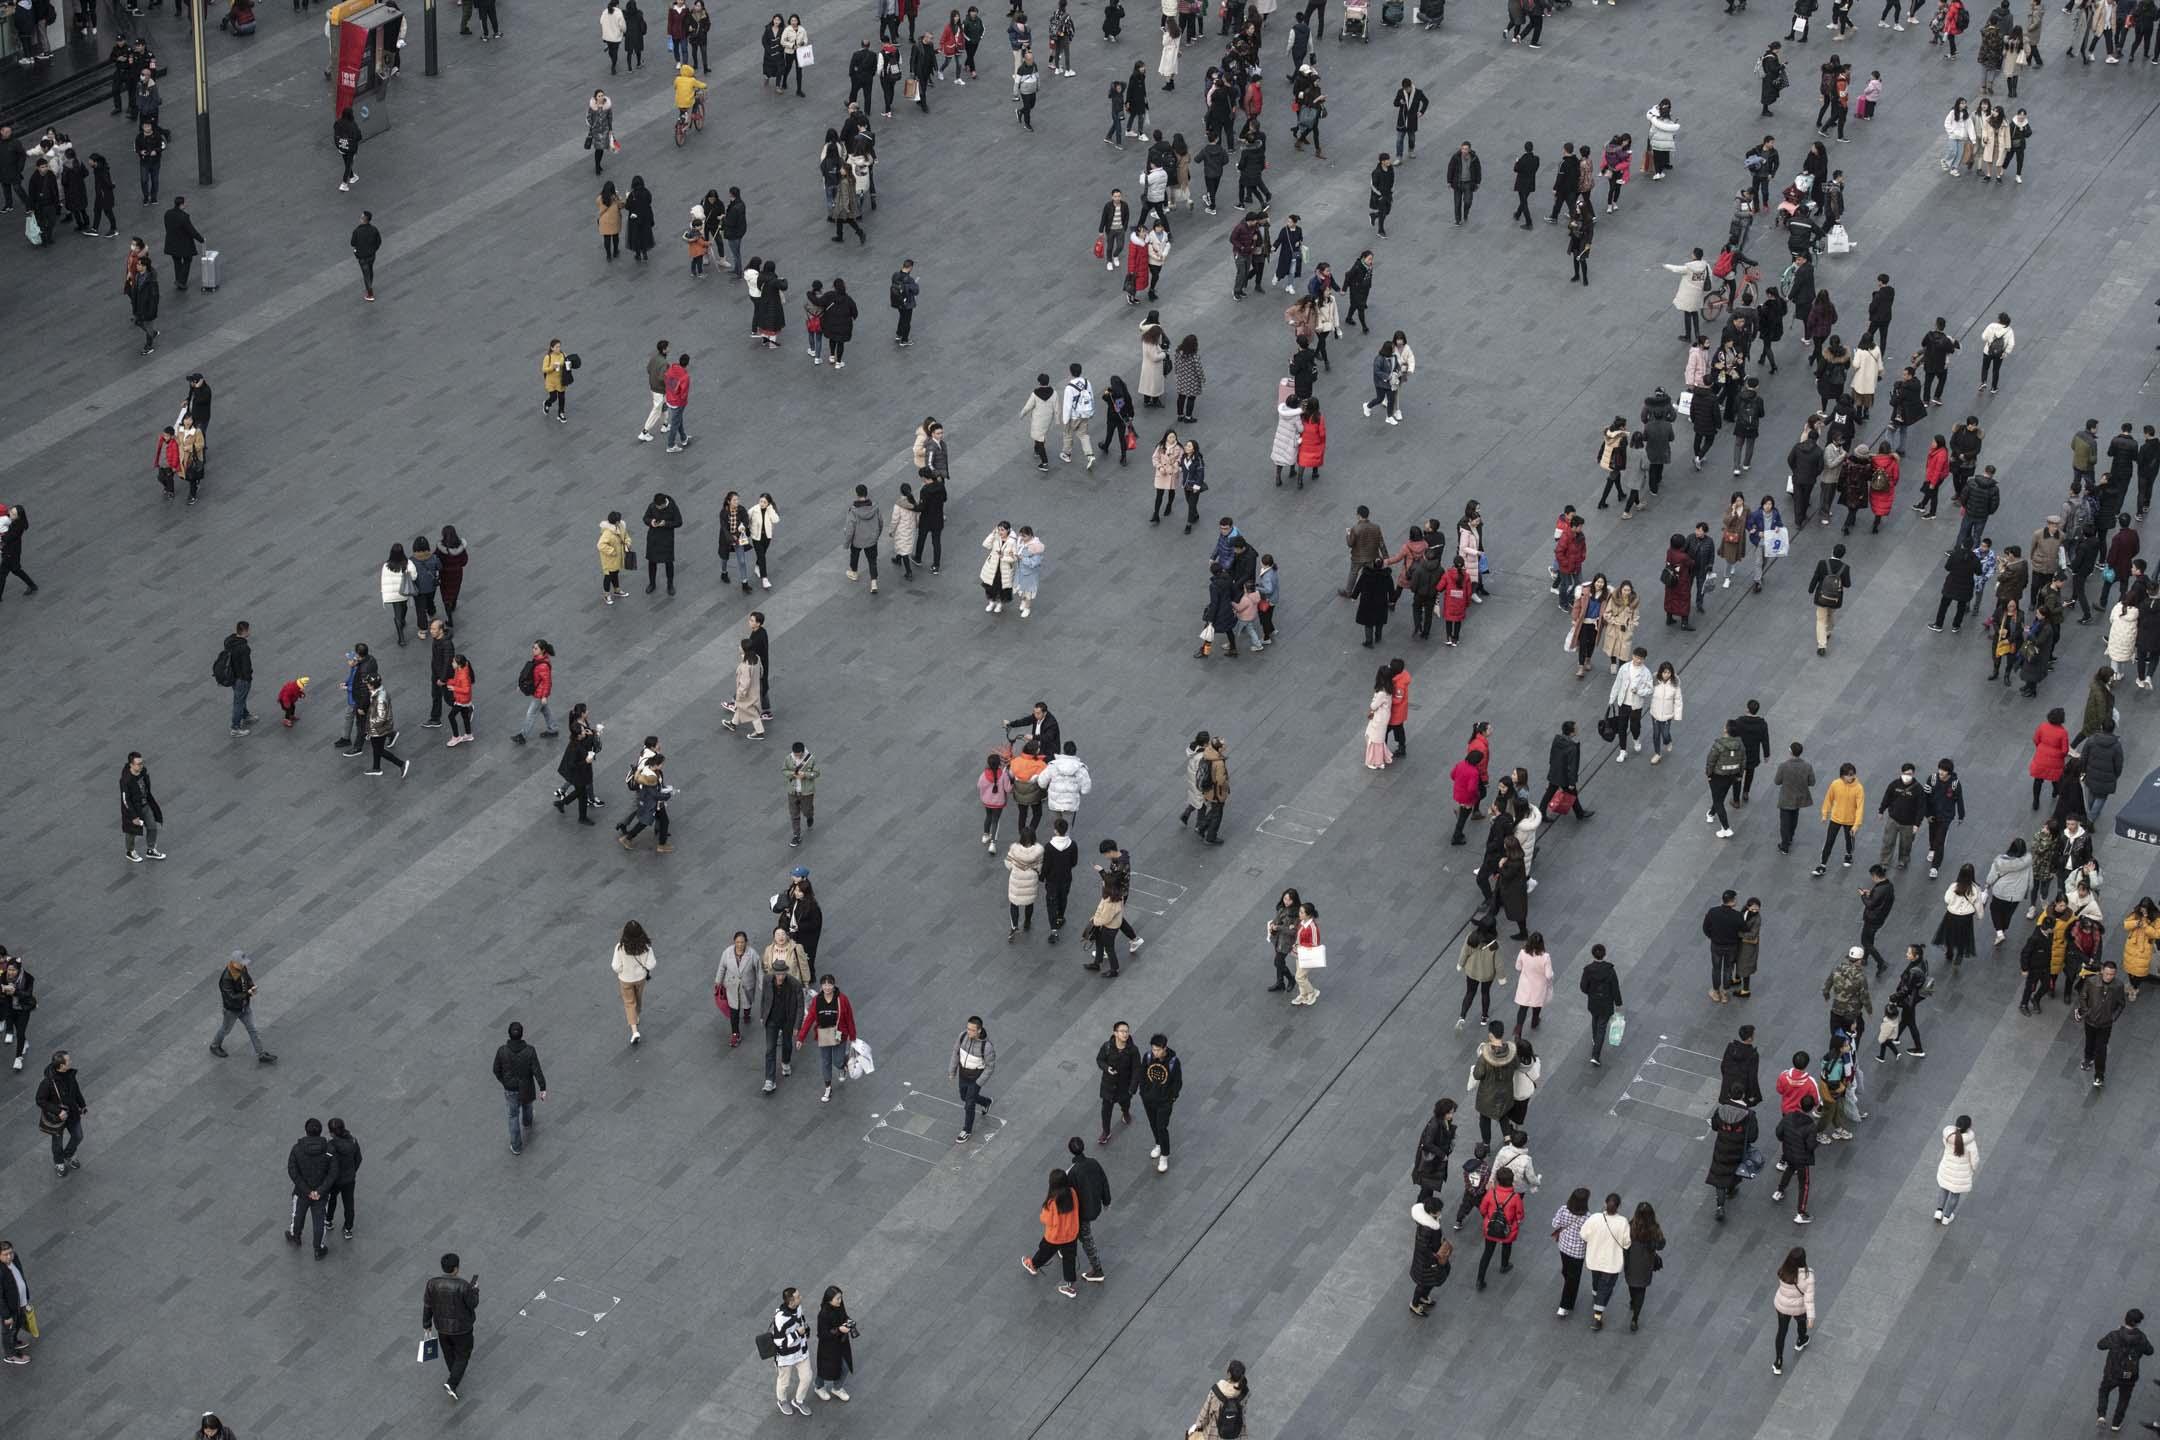 中美貿易戰會導致中國2025年的GDP比正常情況減少1500億-2300億美元,粗略估計,貿易戰帶來的損失佔中國當年GDP的1%左右。 攝:Fred Dufour/AFP/Getty Images